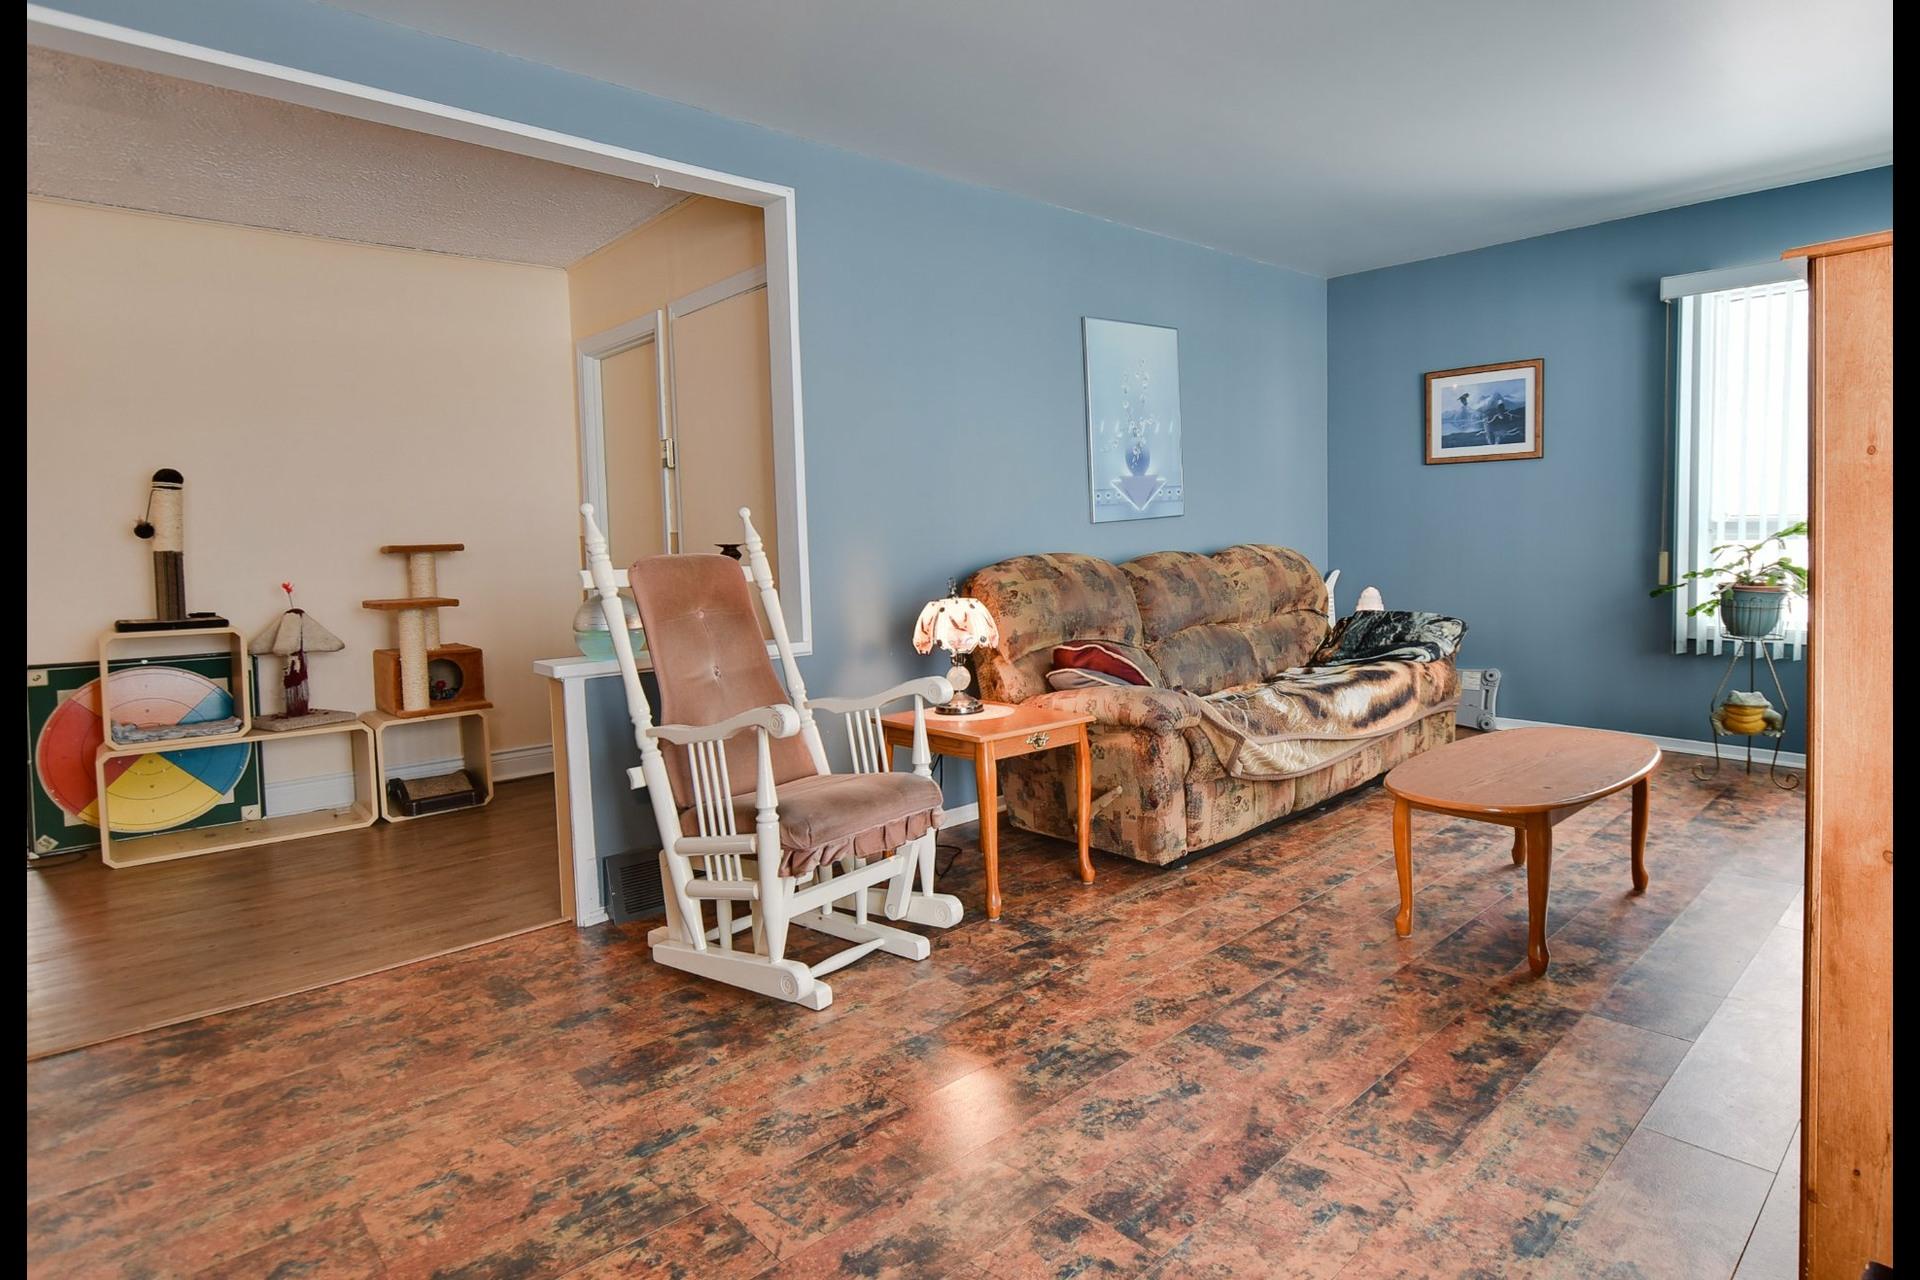 image 4 - Maison À vendre Saint-Sébastien - 11 pièces